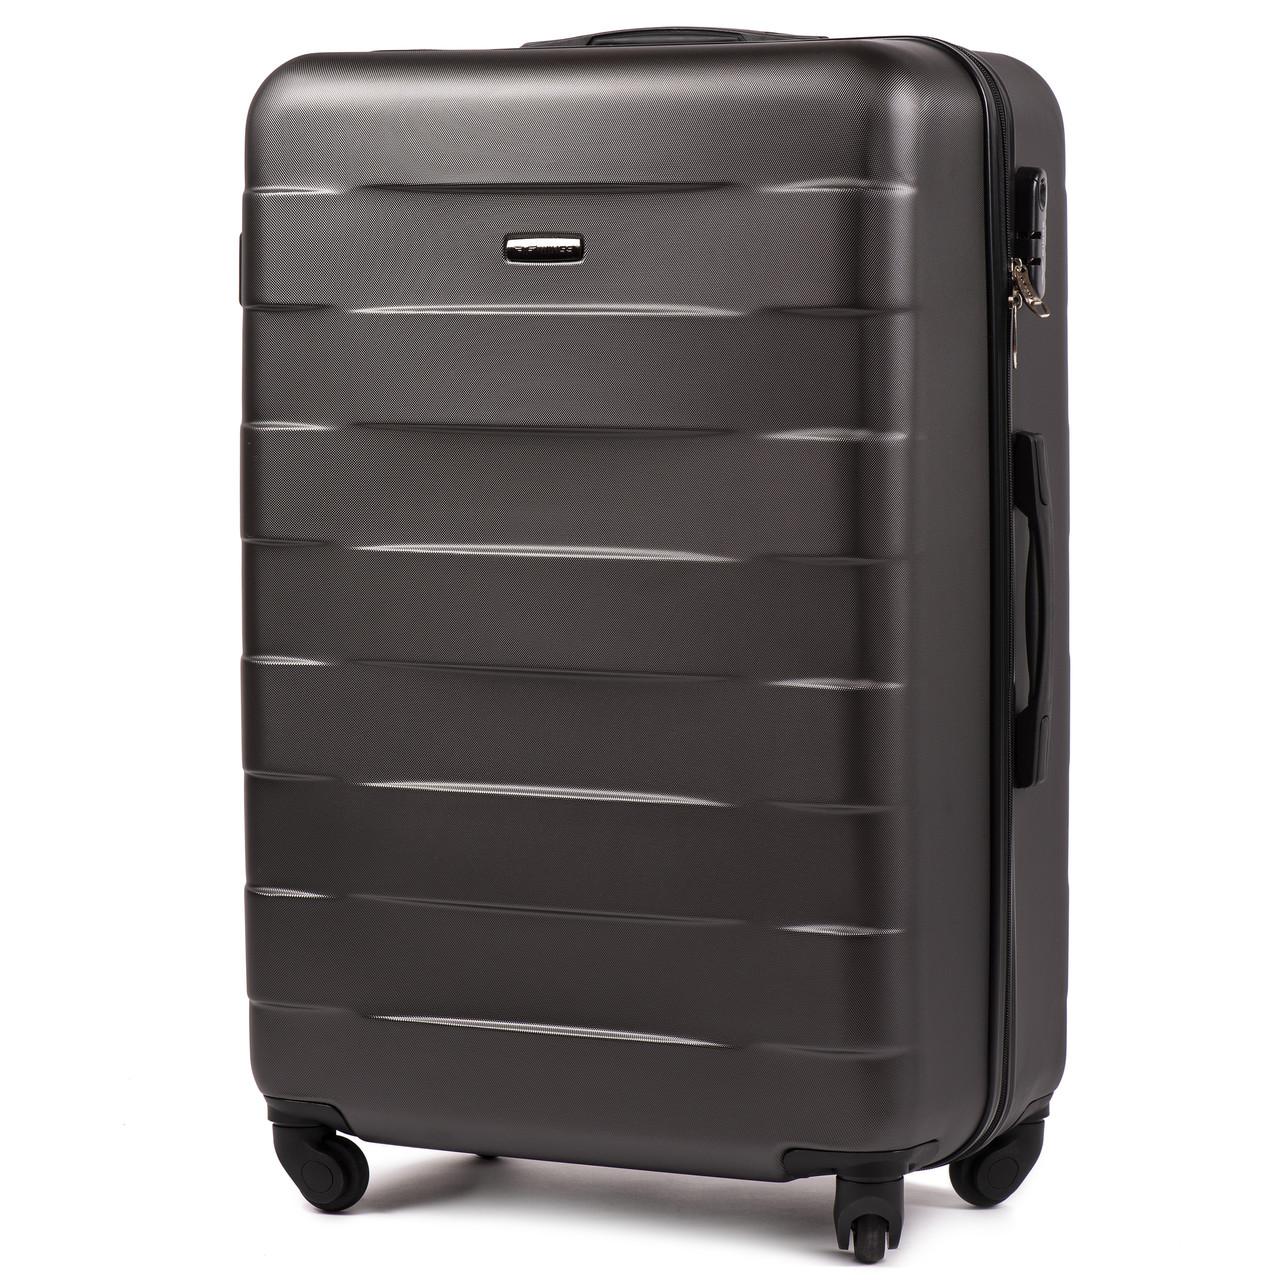 Большой пластиковый чемодан Wings 401 на 4 колесах серый, фото 1